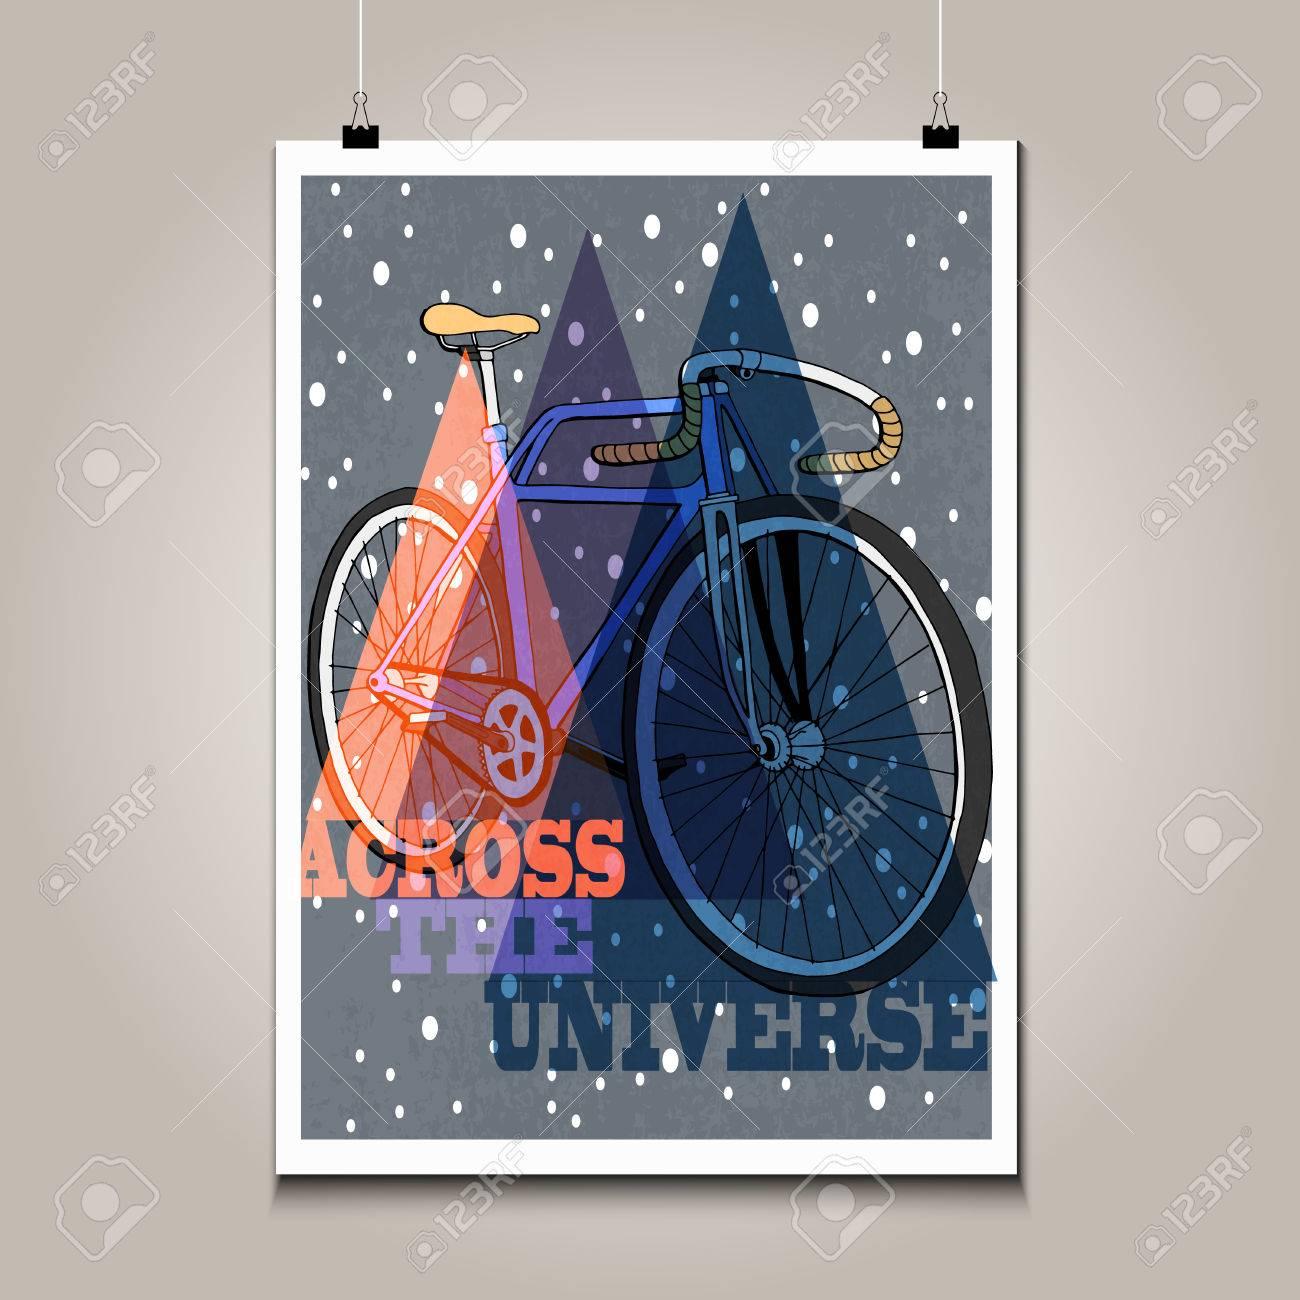 Cartel De La Vendimia Con La Bicicleta De Alto Detalle Textura Grunge Y Frase Motivación